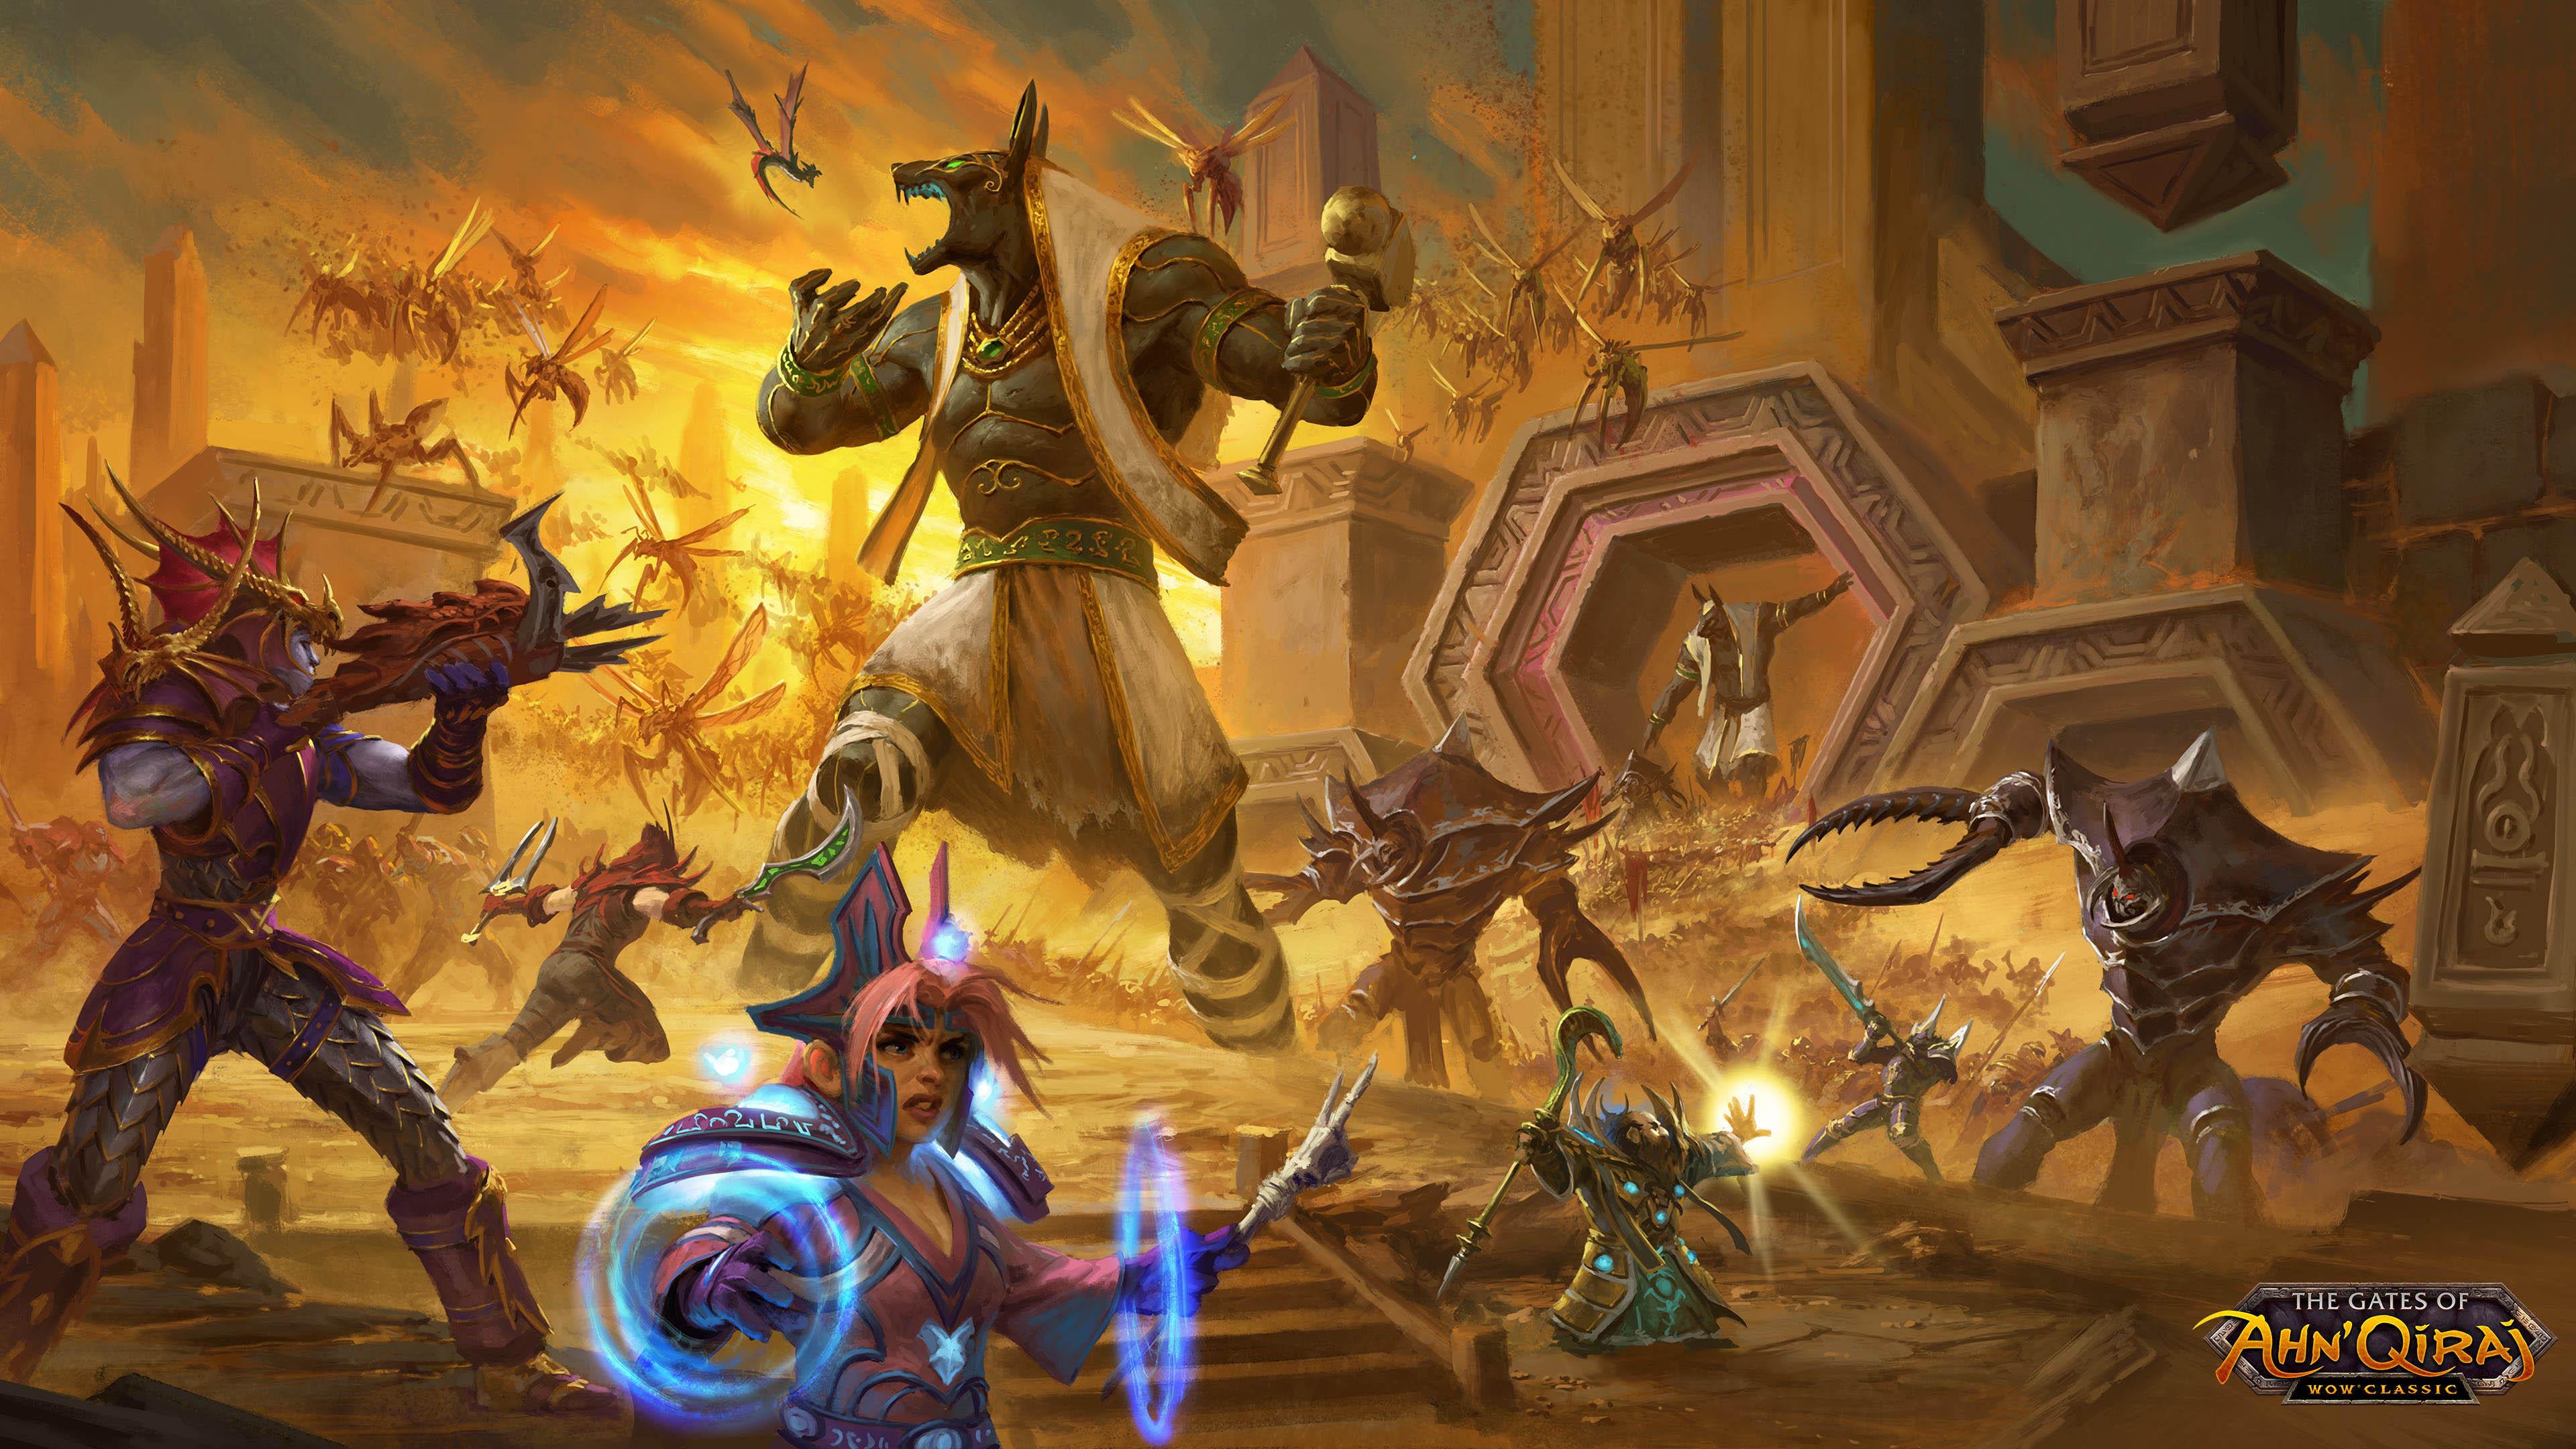 游戏壁纸,魔兽世界,大乱斗,战争,魔法